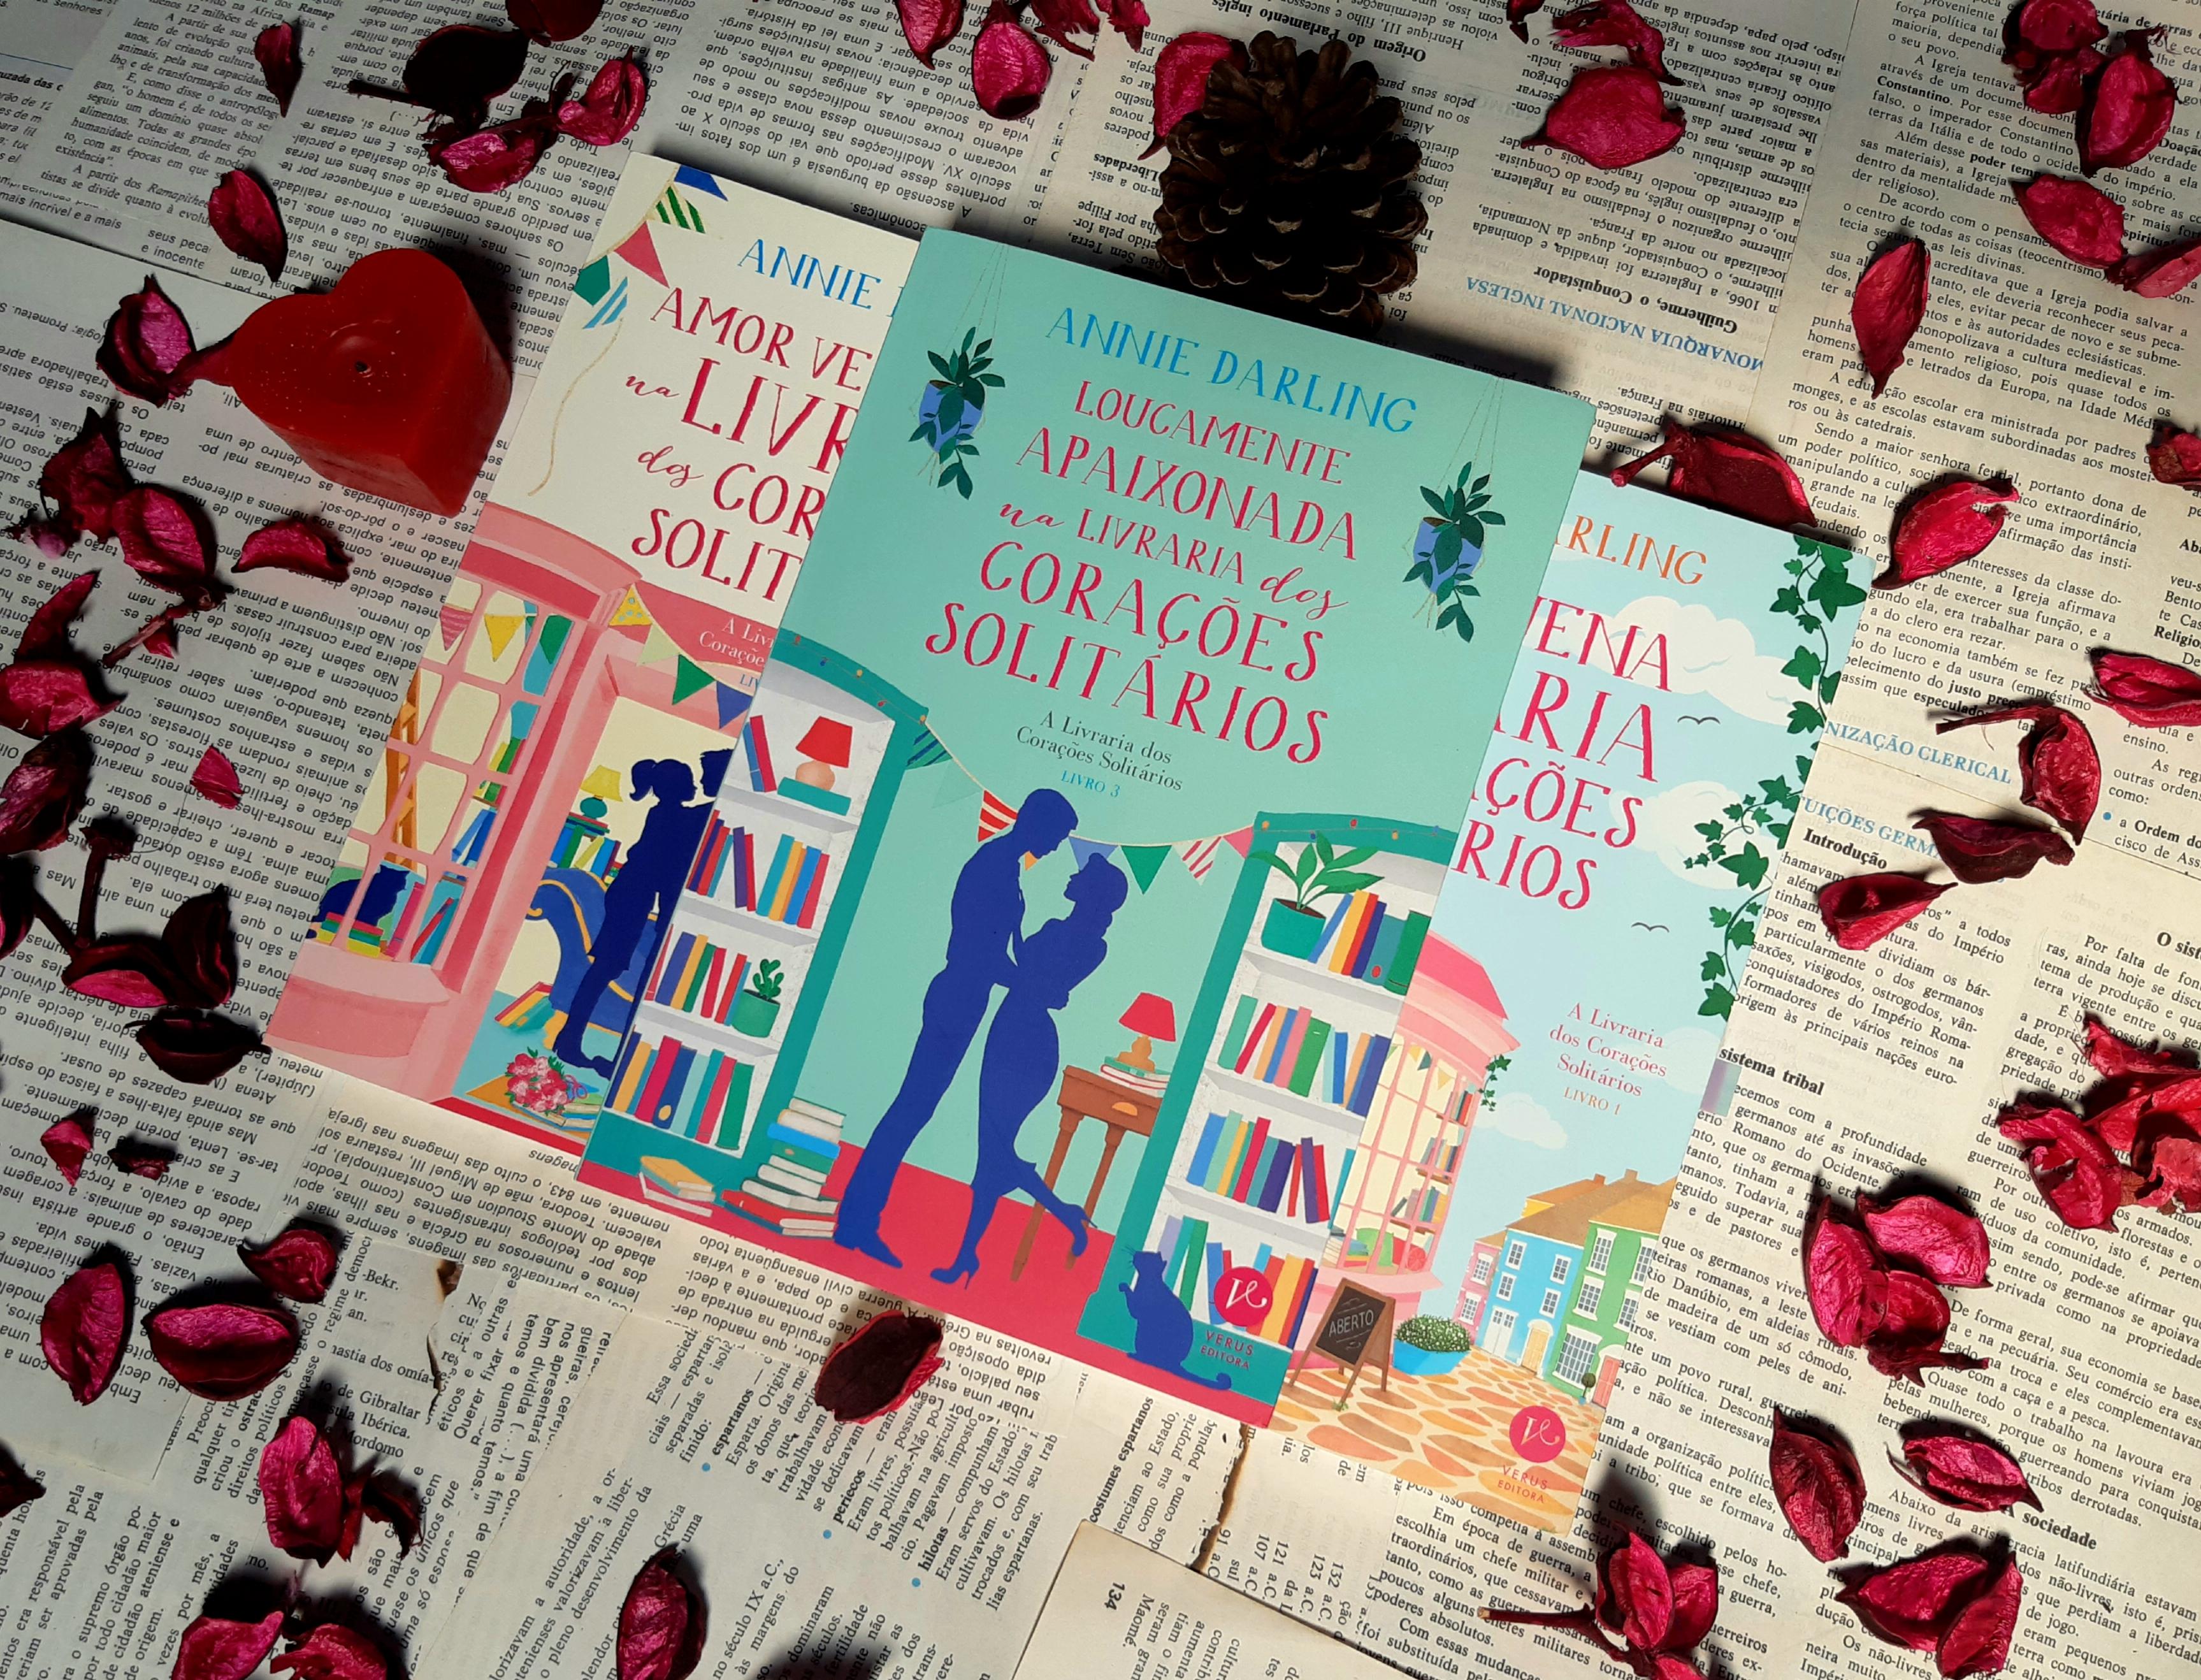 Loucamente apaixonada na livraria dos corações solitários, Romance, Livro, Beleza de Livros, Annie Darling, Editora Verus, Romance, Livros, A livraria dos corações solitários, belezadelivros, blog, belezadelivros.com